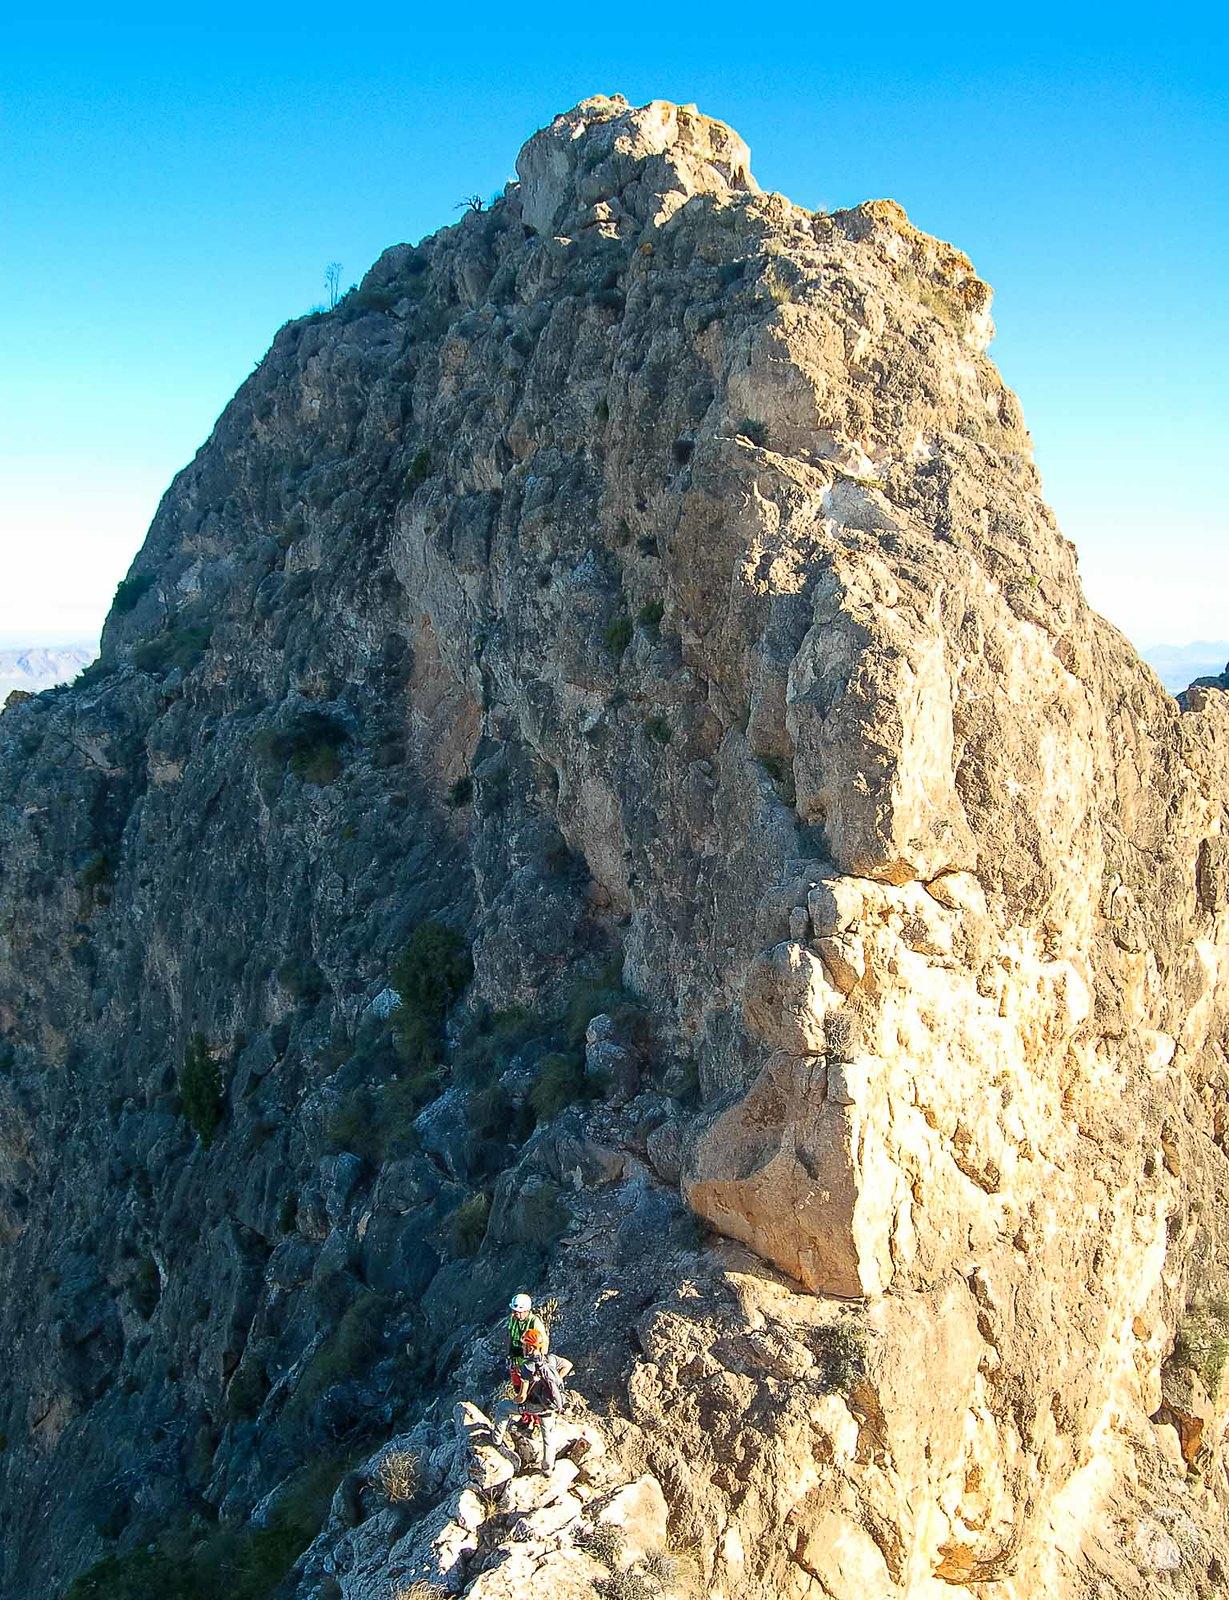 En la antecima principal, mirando la escalada que nos toca realizar.